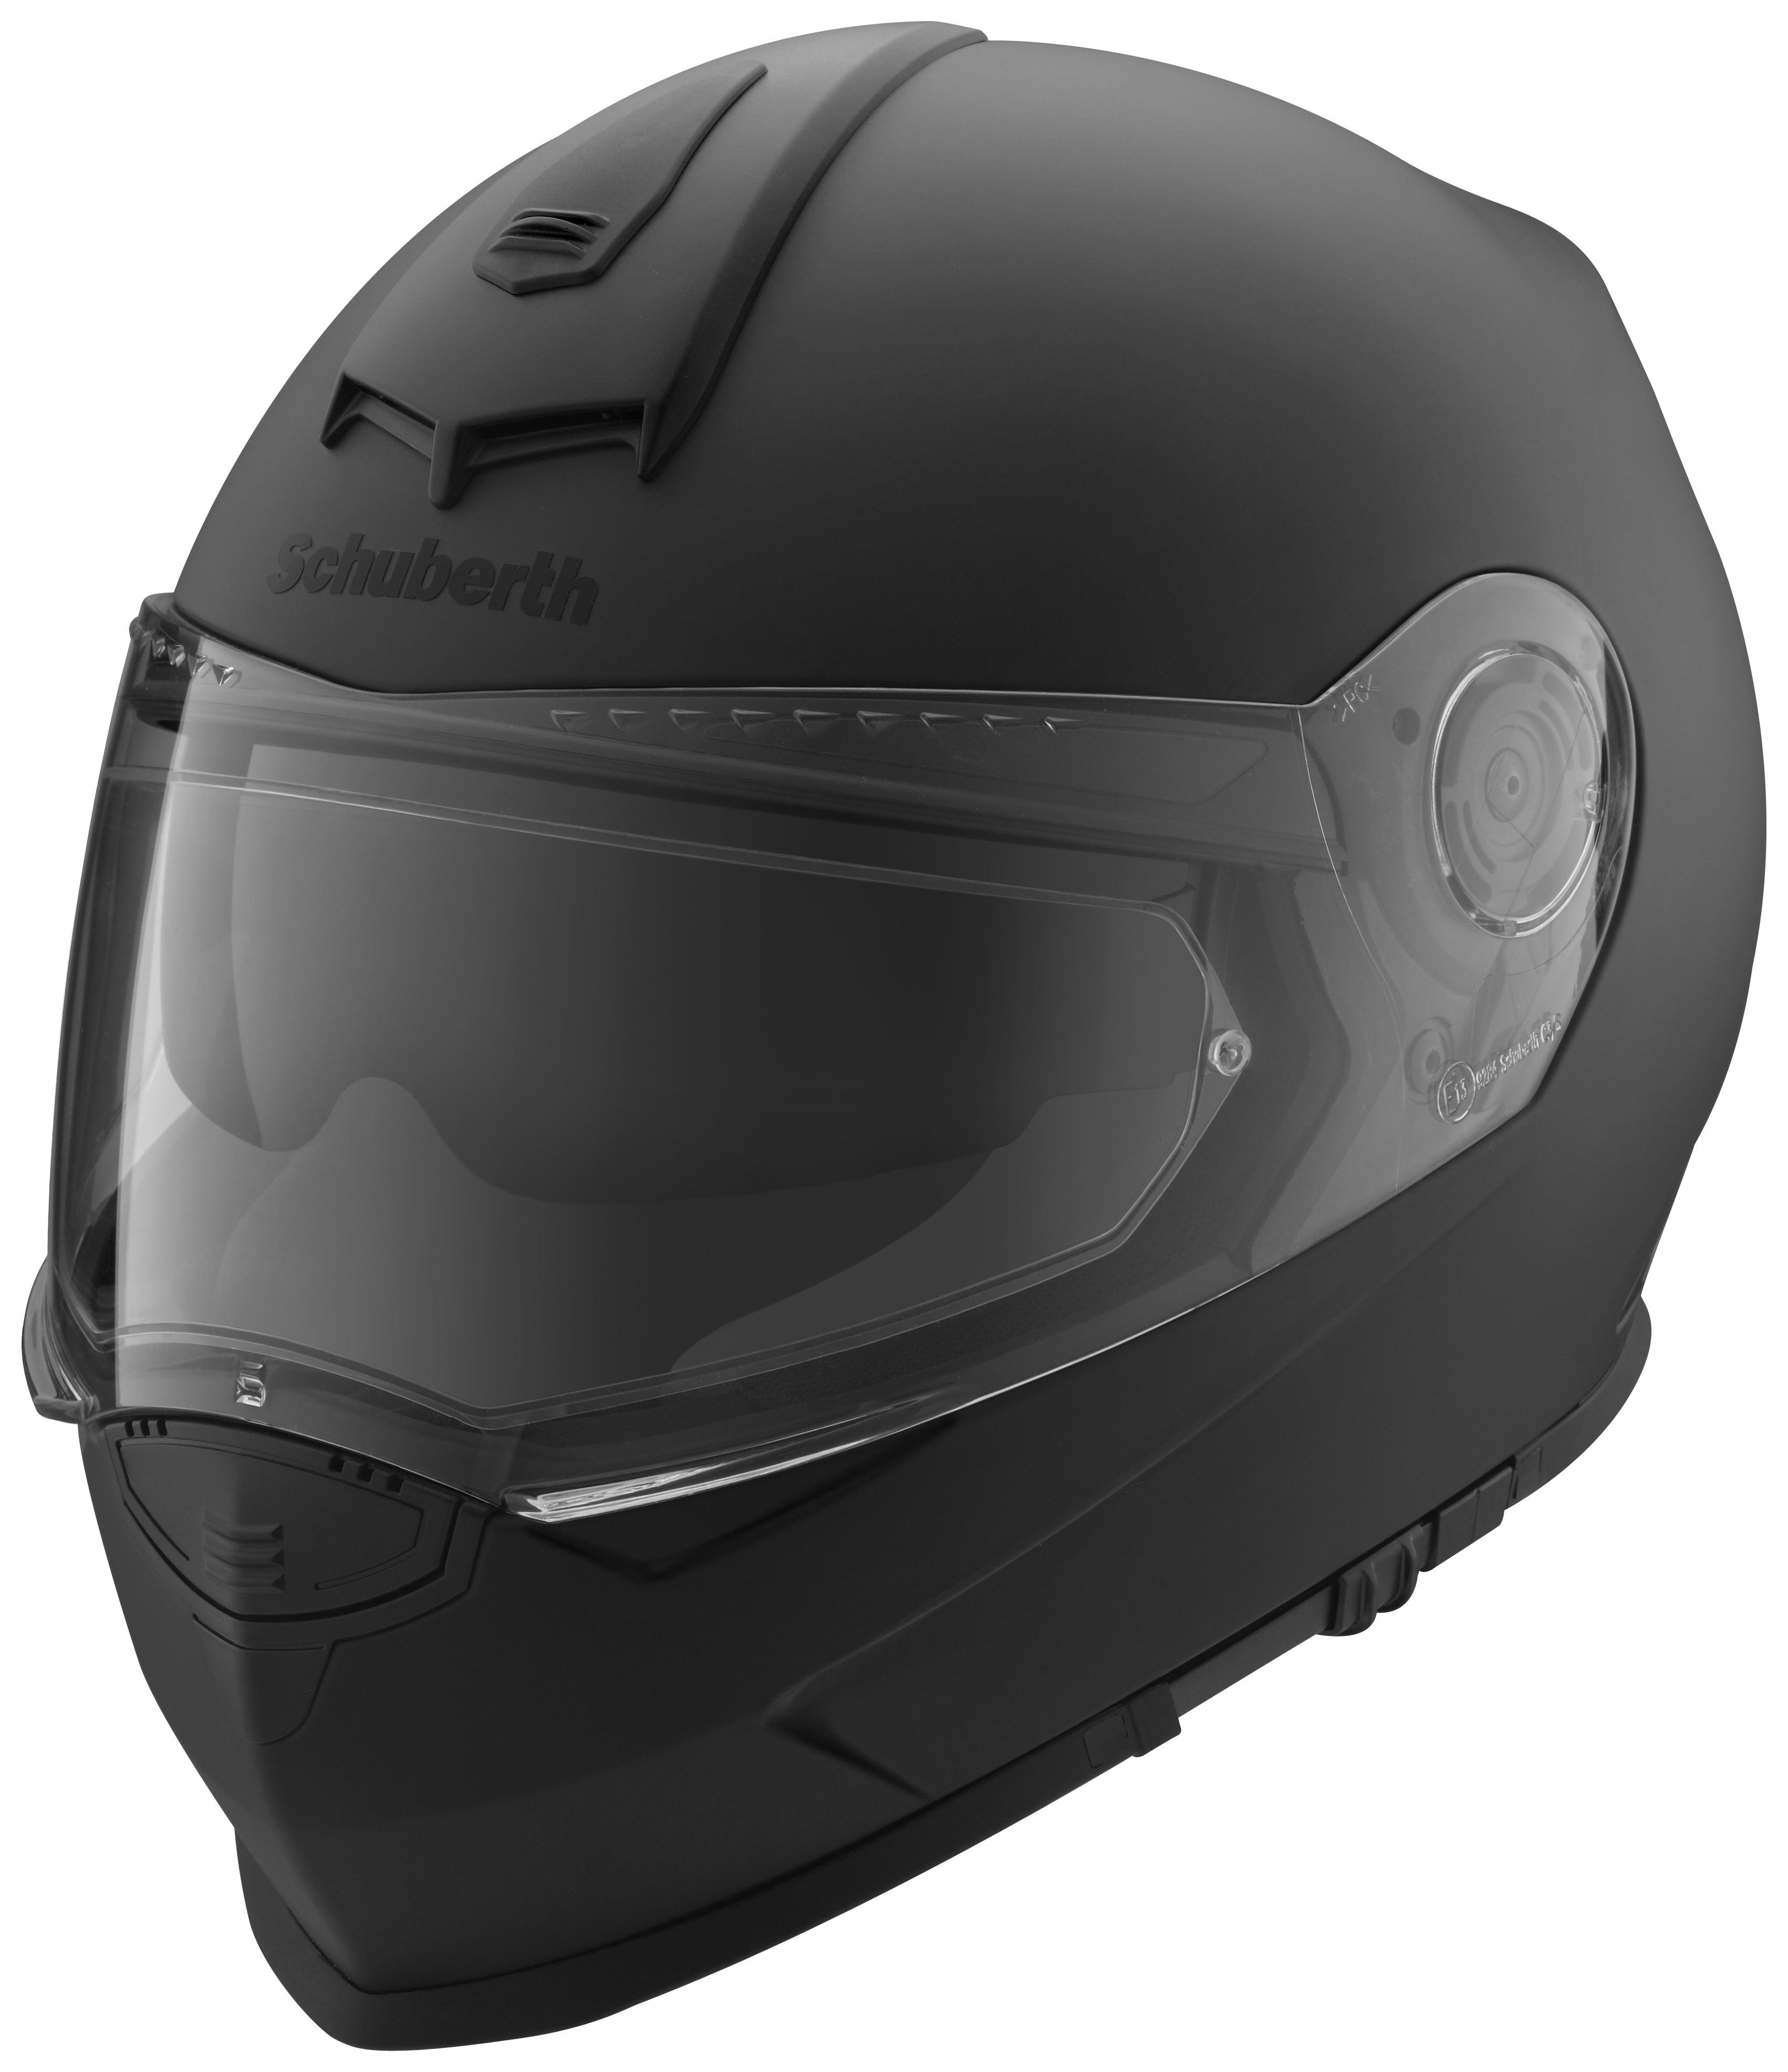 Schuberth S2 Review >> Schuberth S2 Sport Helmet 36 199 01 Off